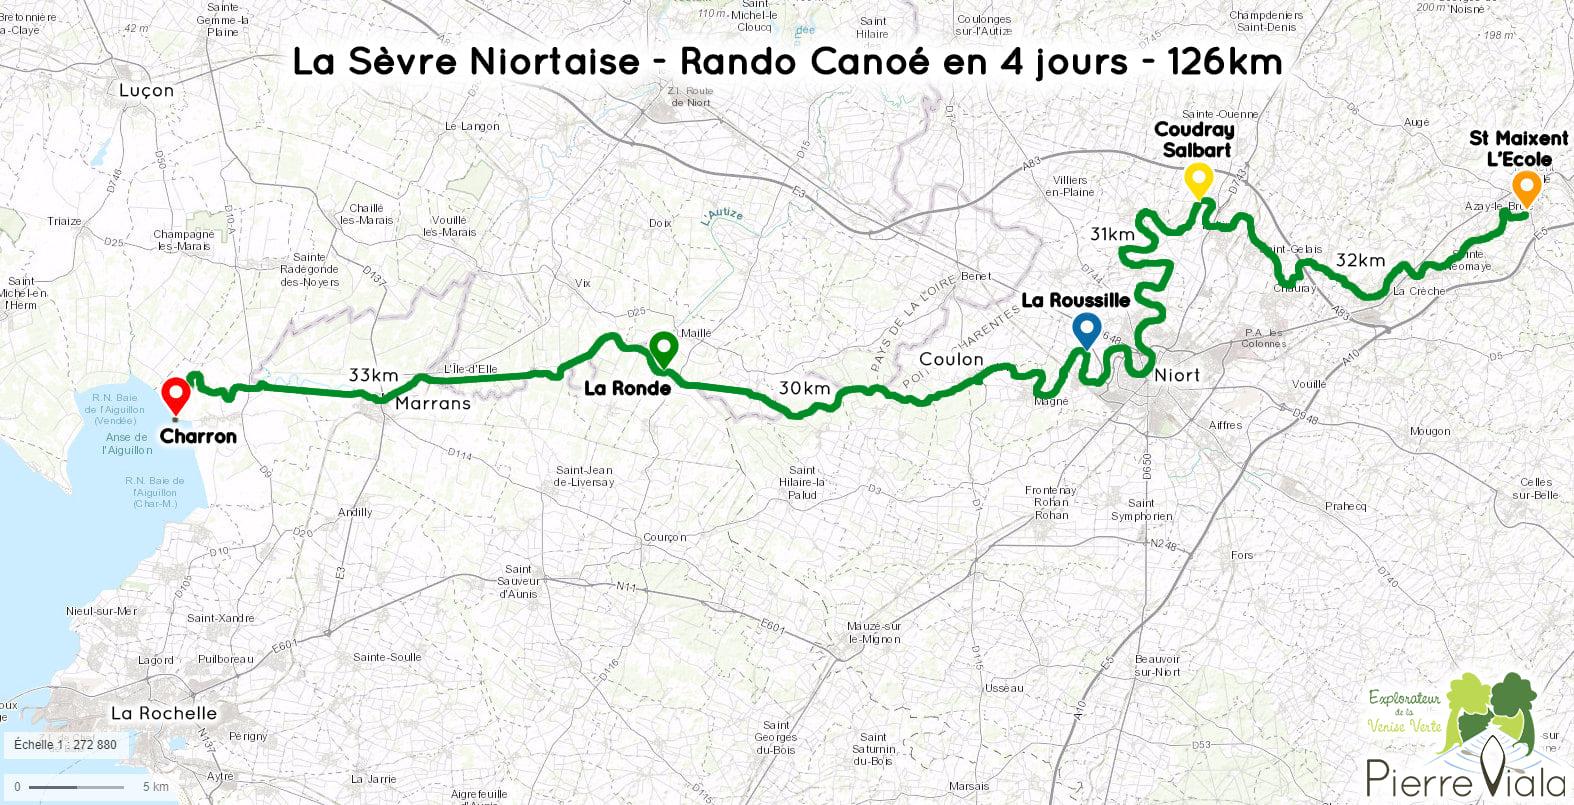 Carte Descente de la Sèvre Niortaise Ranonnée Canoe 4 jours 126km